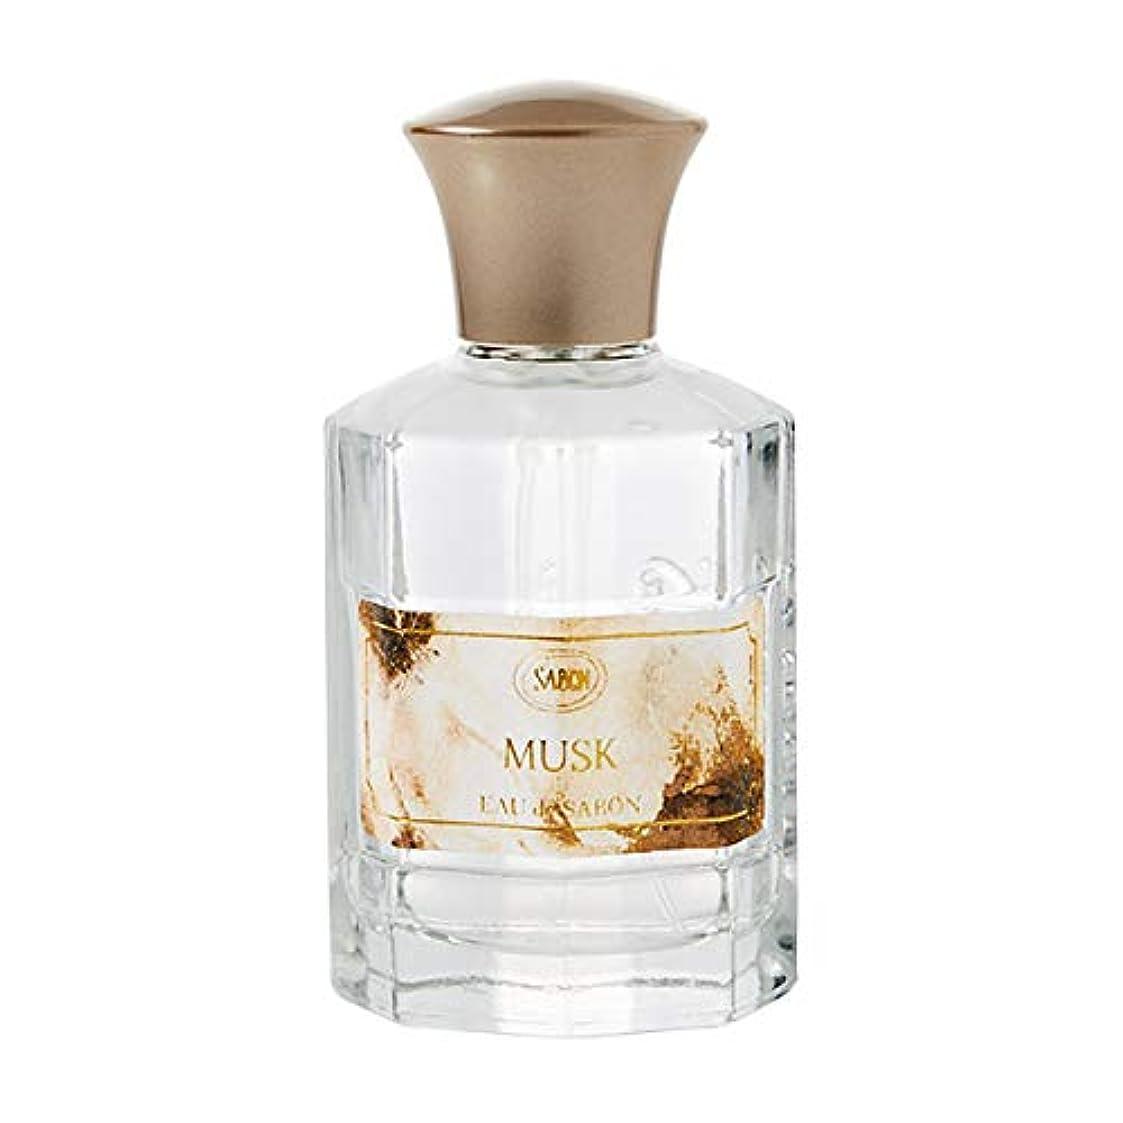 最近キャスト欺くサボン SABON オー ドゥ サボン ムスク ( MUSK ) 80ml オードトワレ フレグランス 香水 パフューム デイリーパフューム